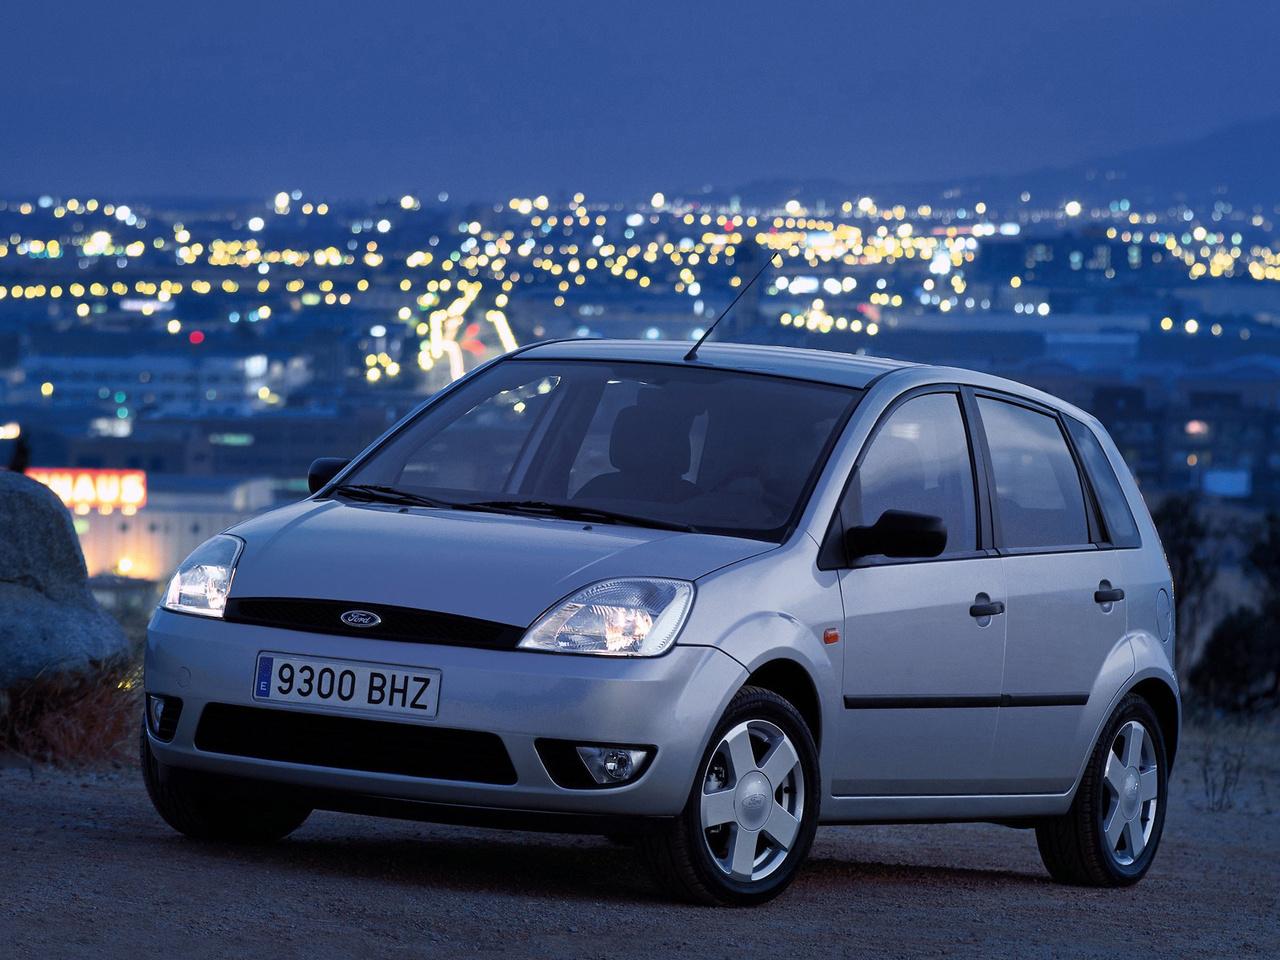 Фотографии автомобилей Ford Fiesta / Форд Фиеста (1999 ...